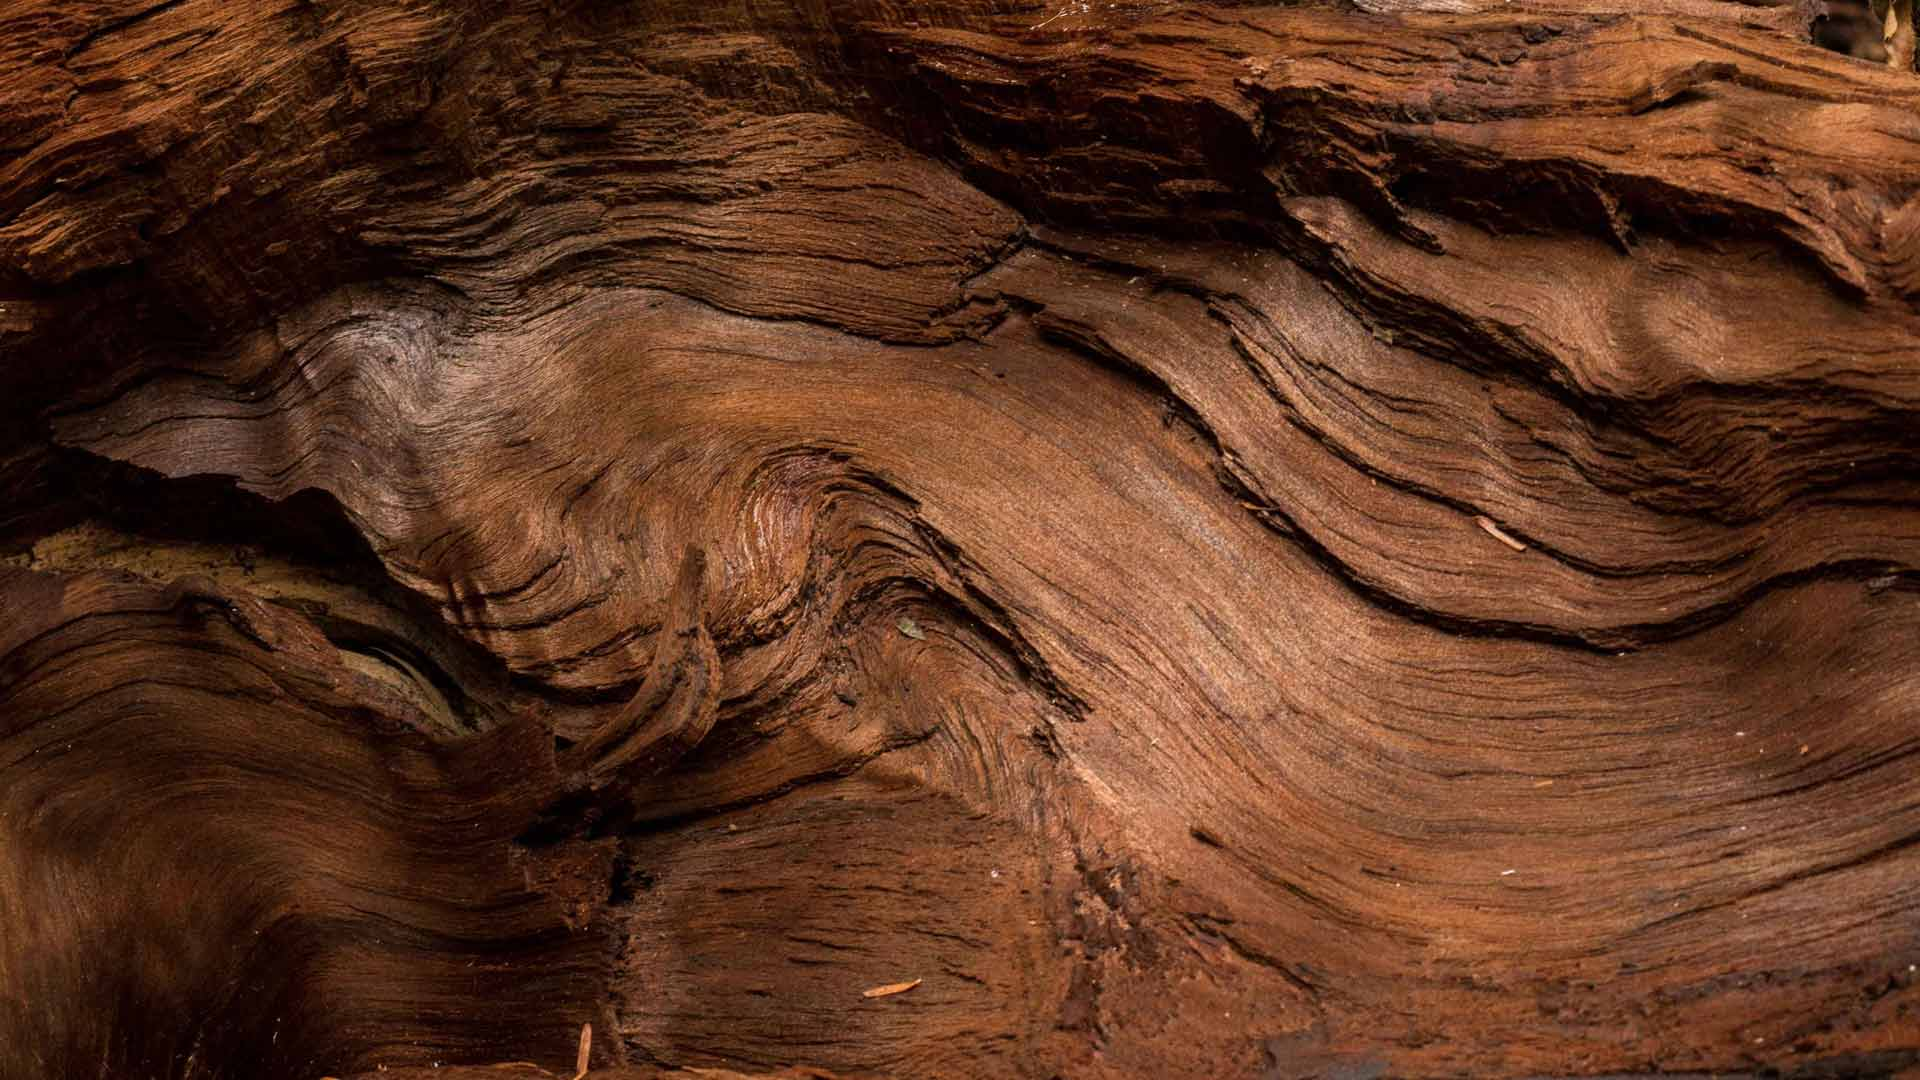 Lavorare Il Legno Pdf : Daniele coan u daniele coan u emozioni in legno